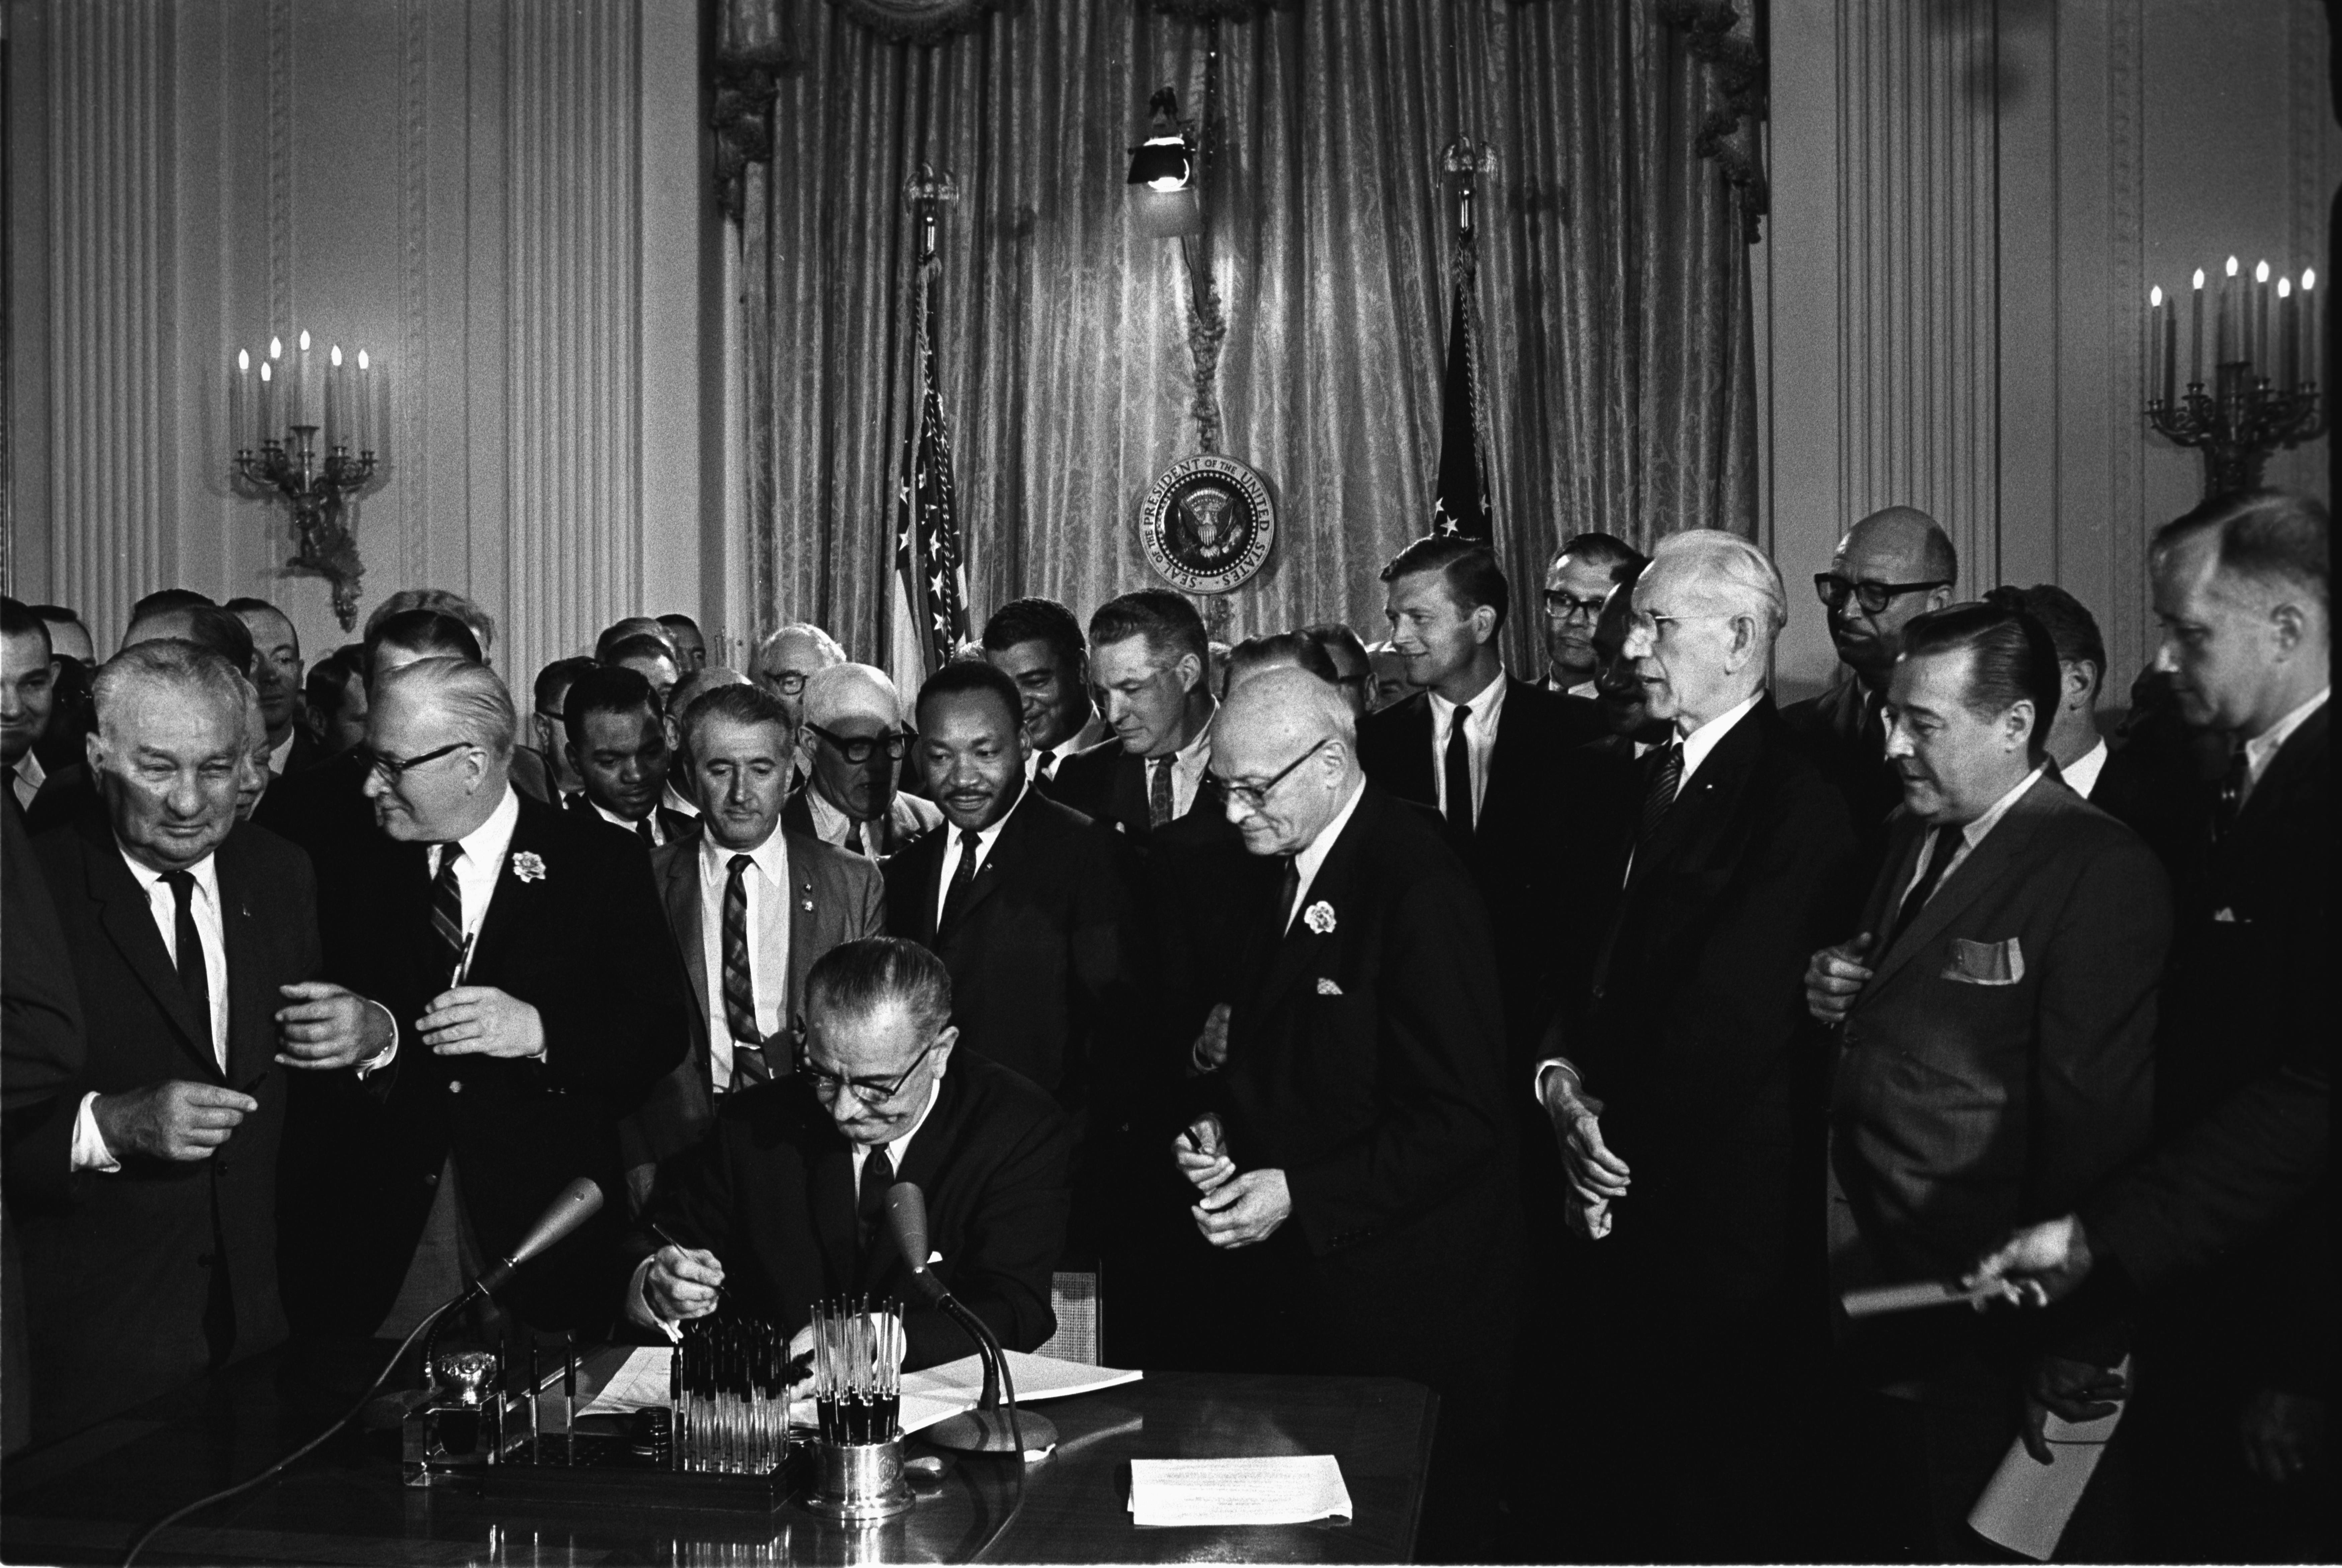 File:Lyndon Johnson signing Civil Rights Act, July 2, 1964.jpg.